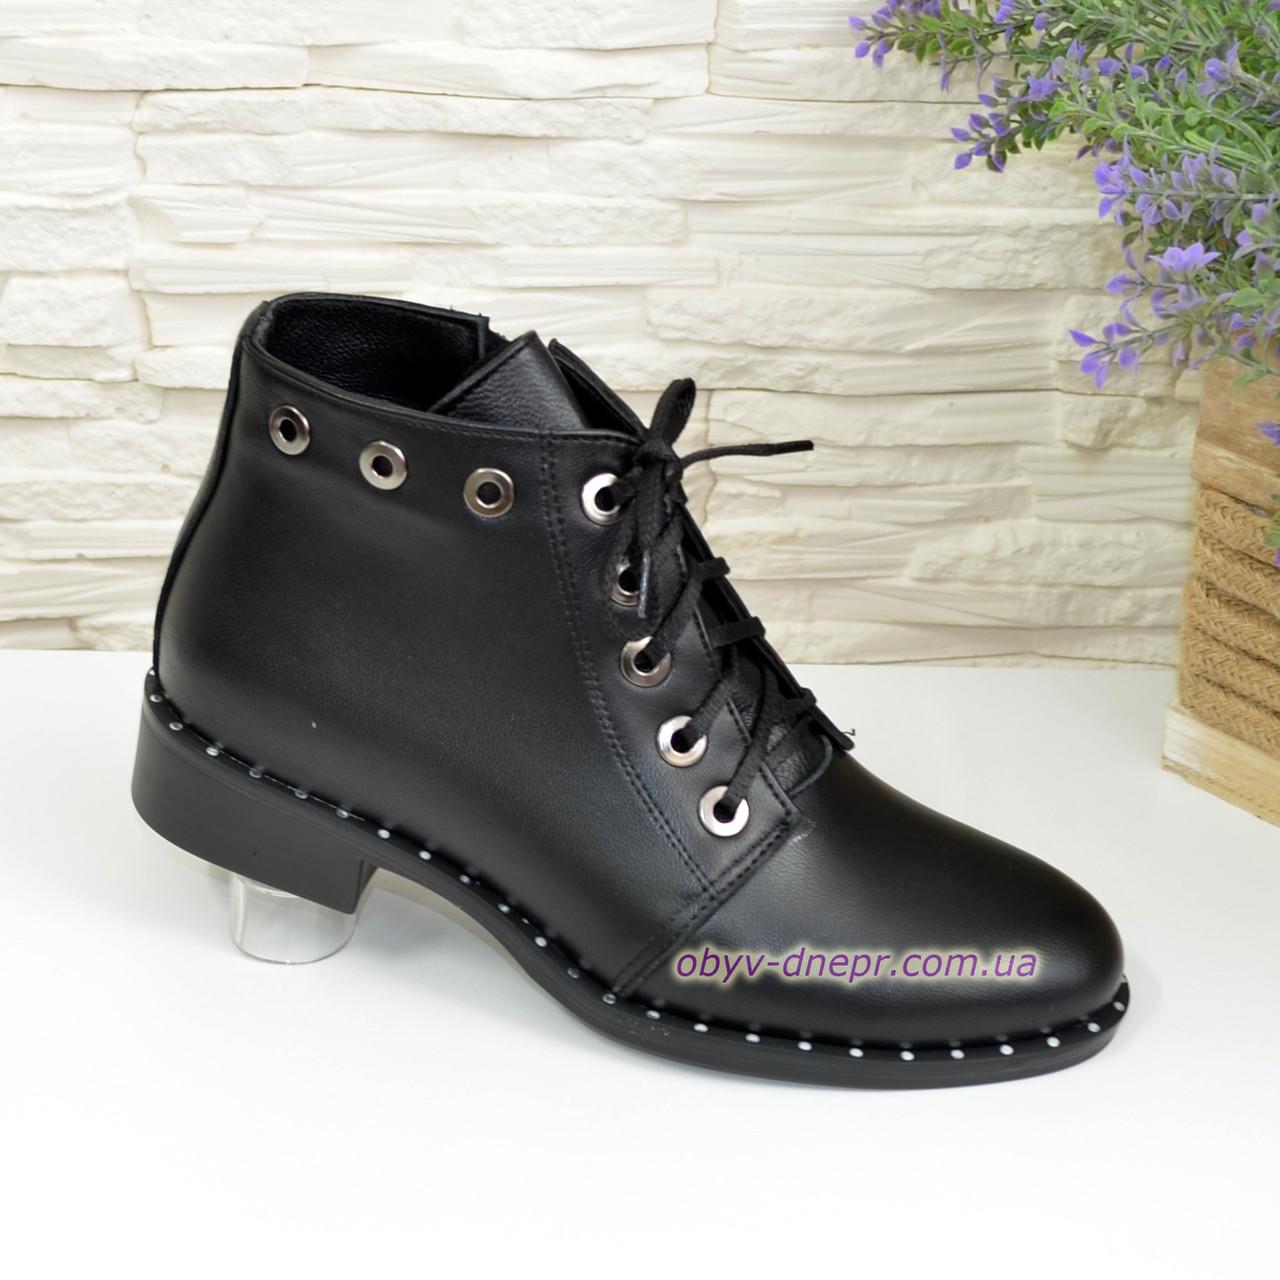 Женские   кожаные ботинки на шнуровке, цвет черный